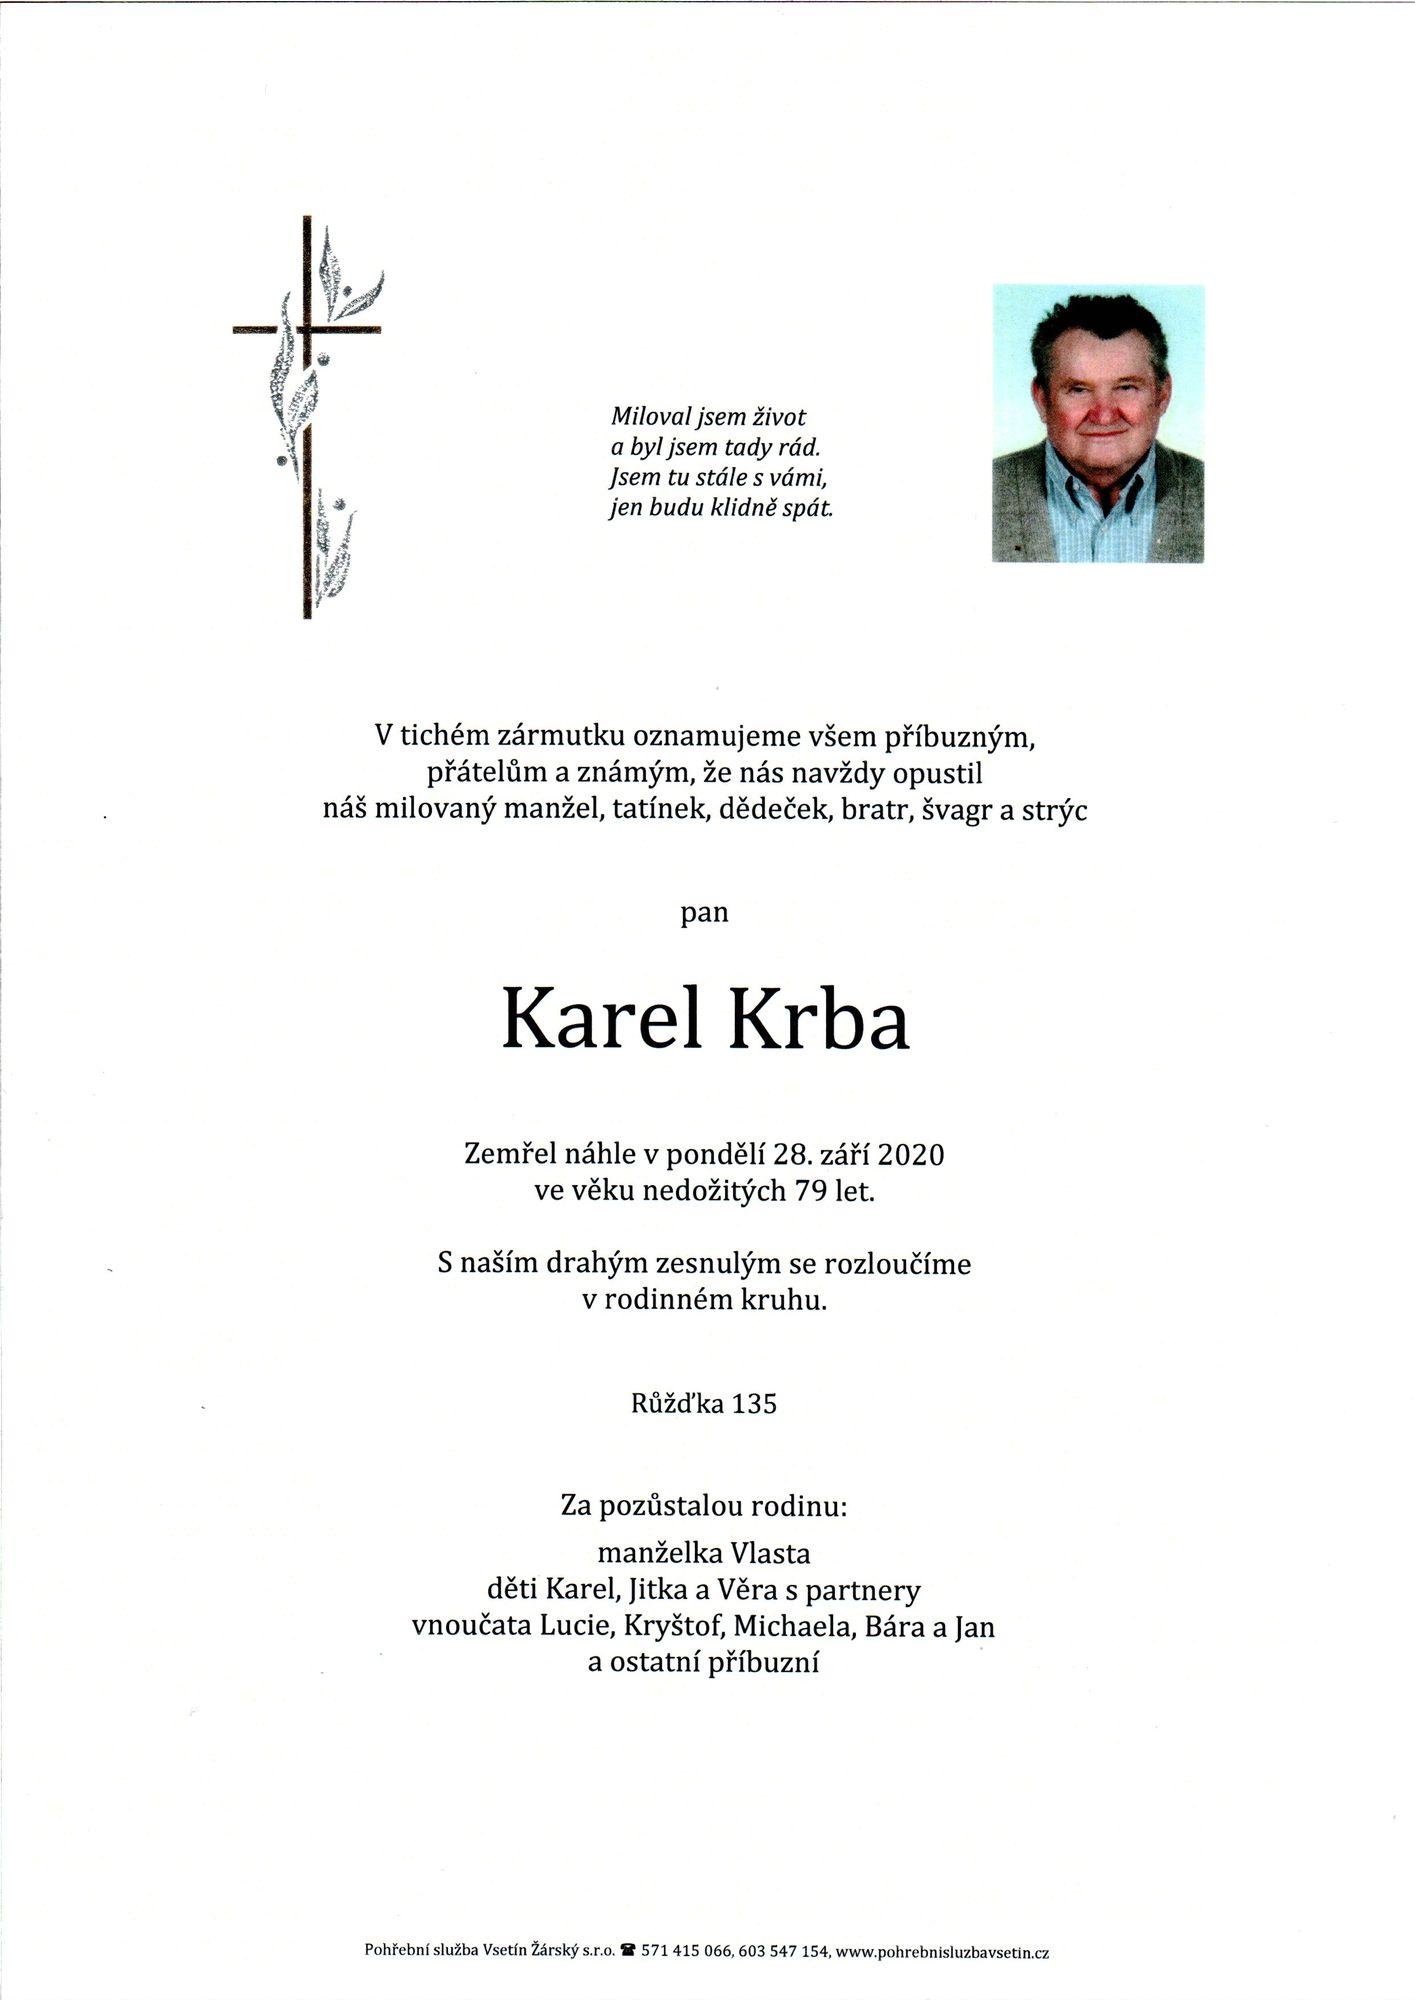 Karel Krba